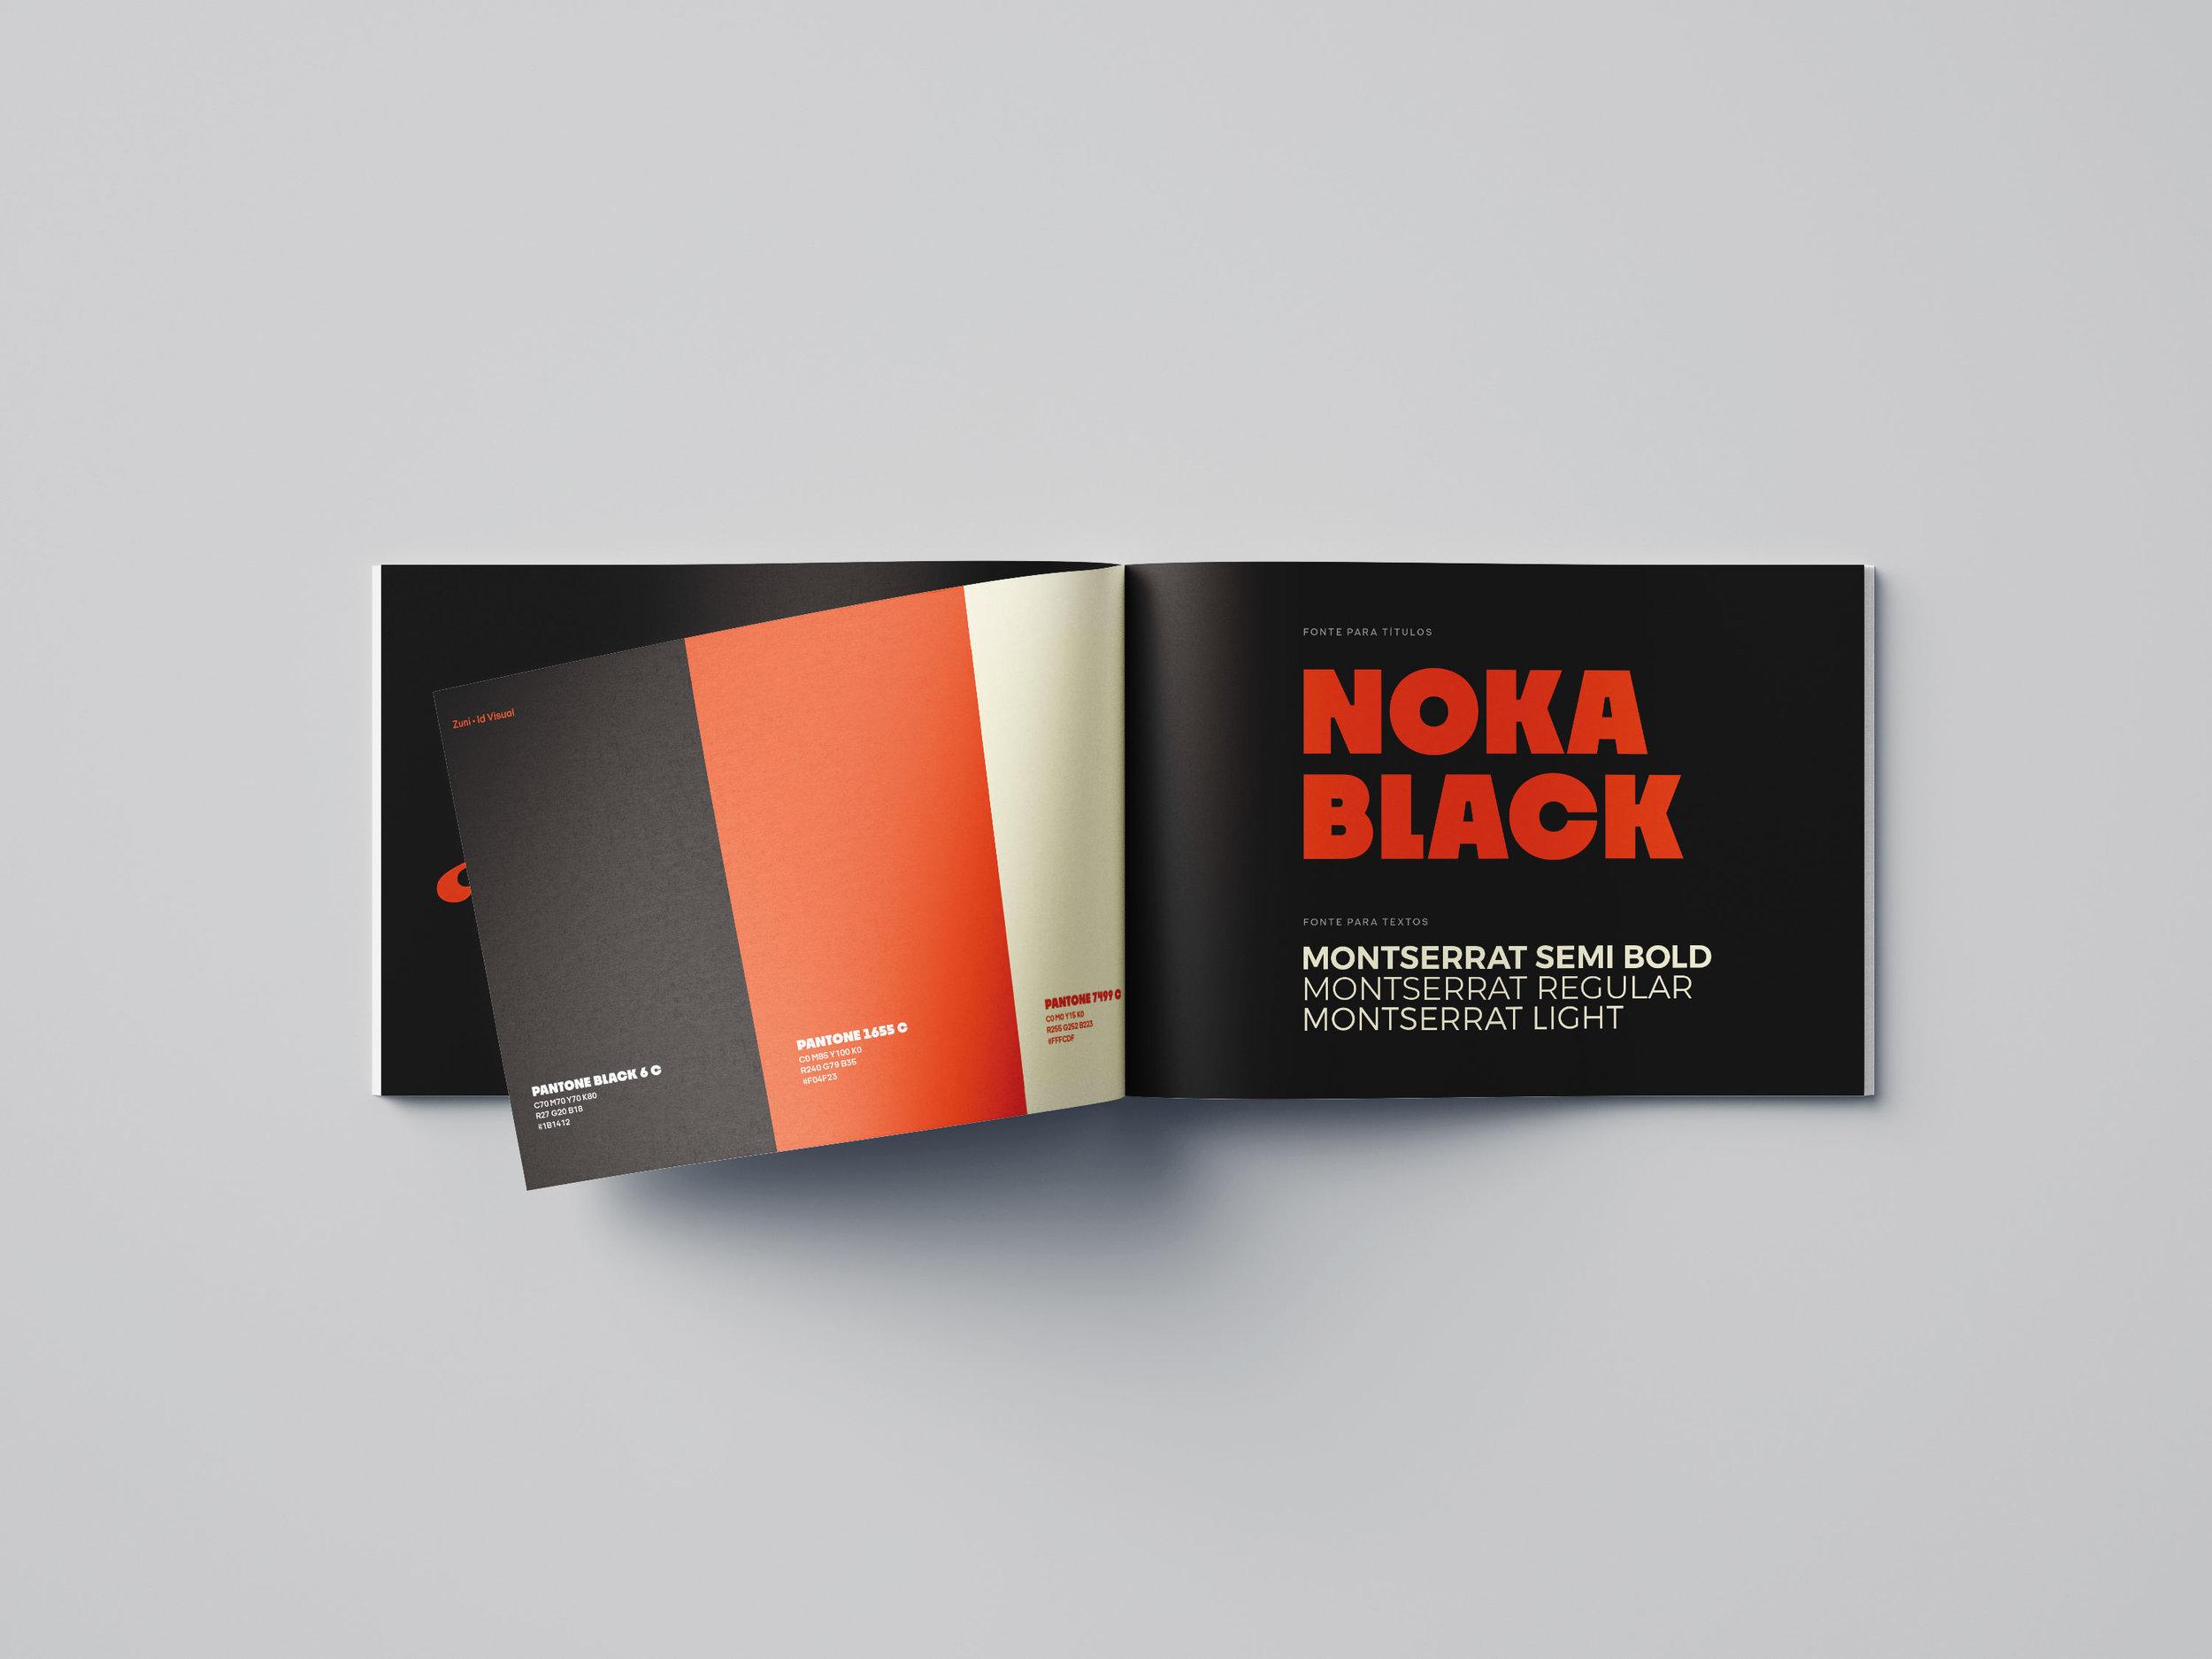 Paleta de cores vibrantes e conjunto tipográfico de apoio completo.